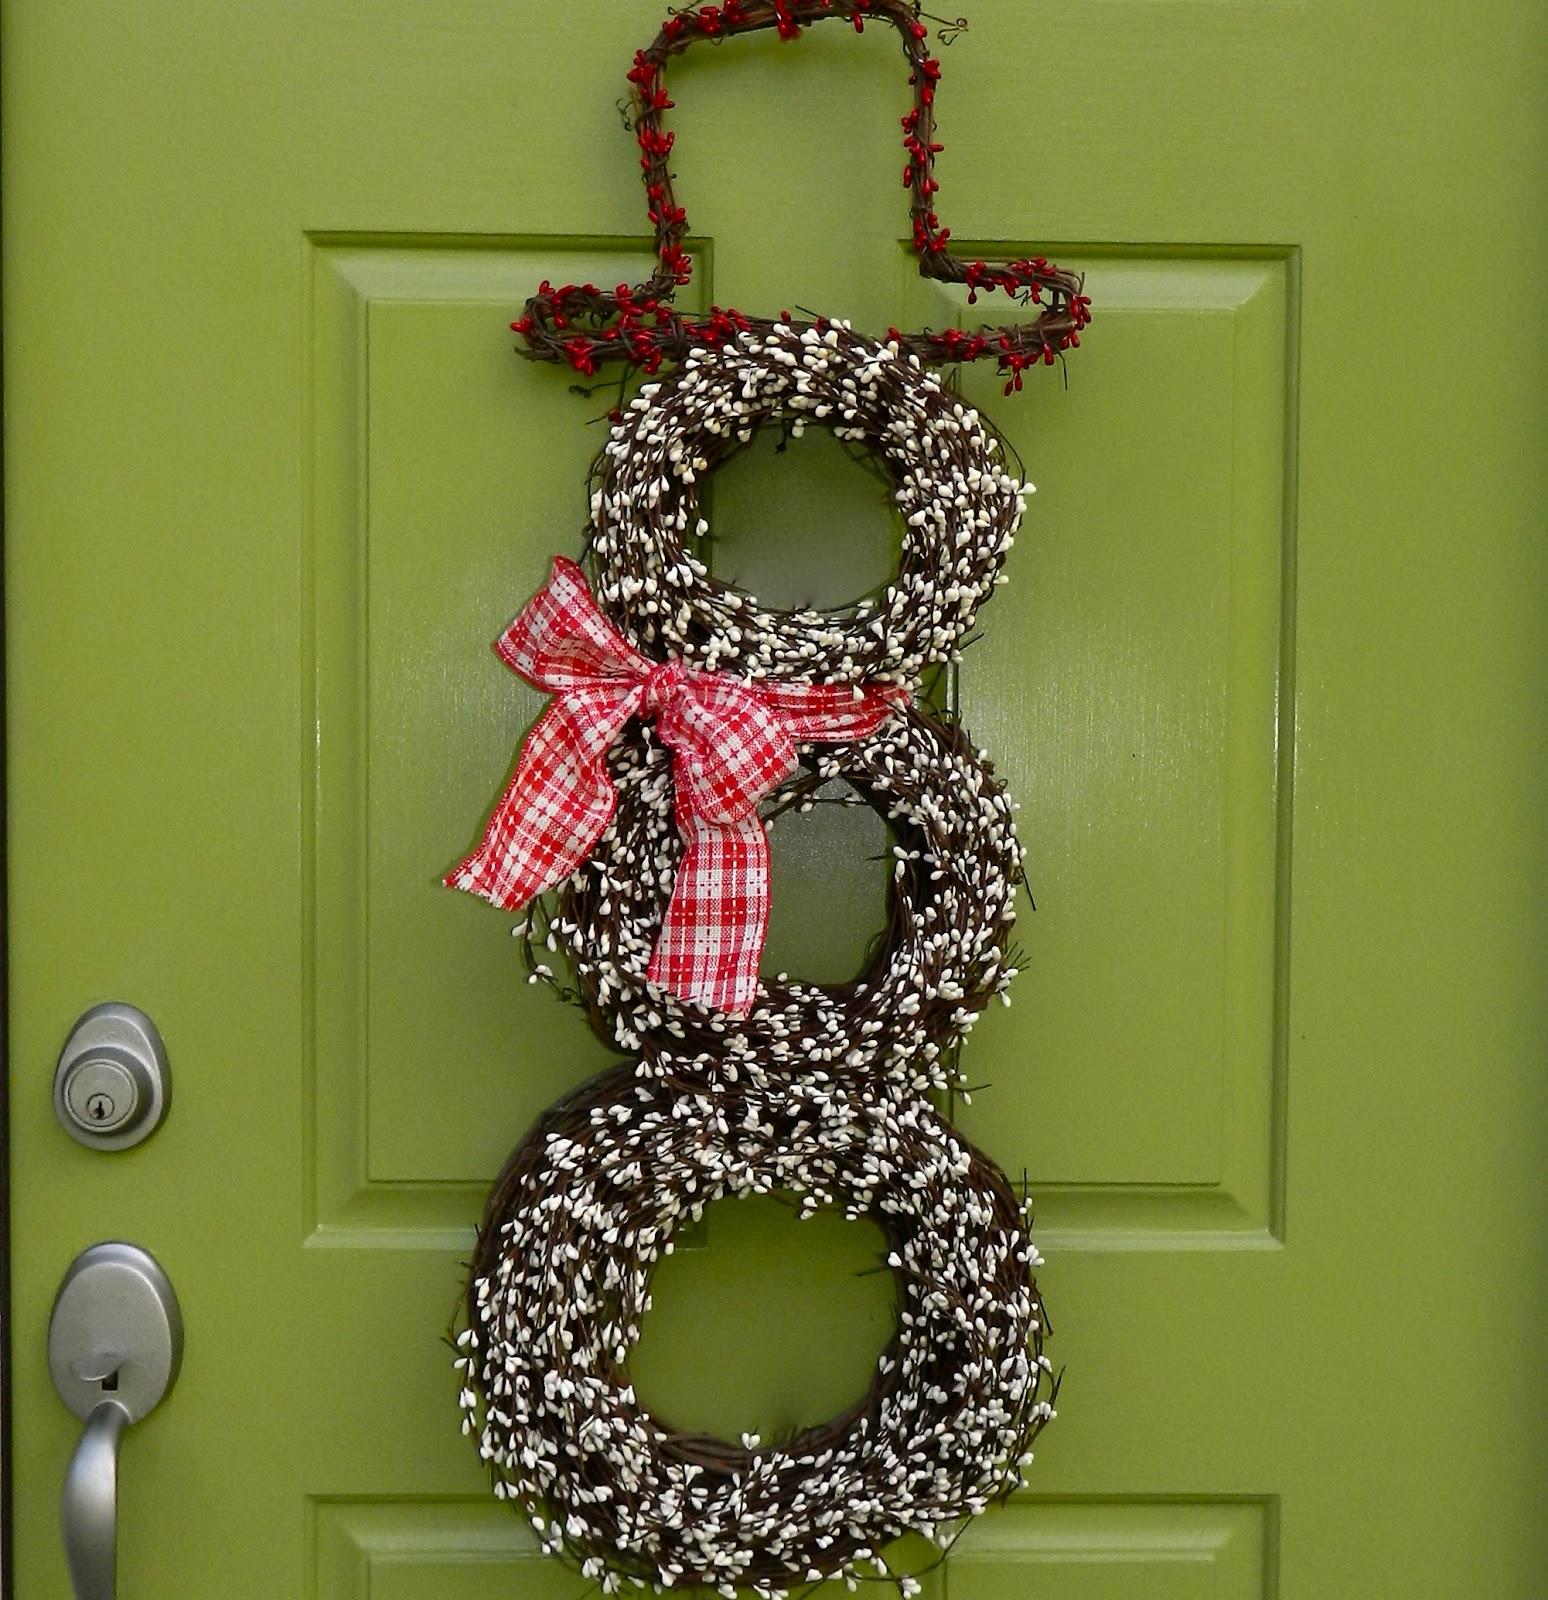 Снеговик из венков на двери